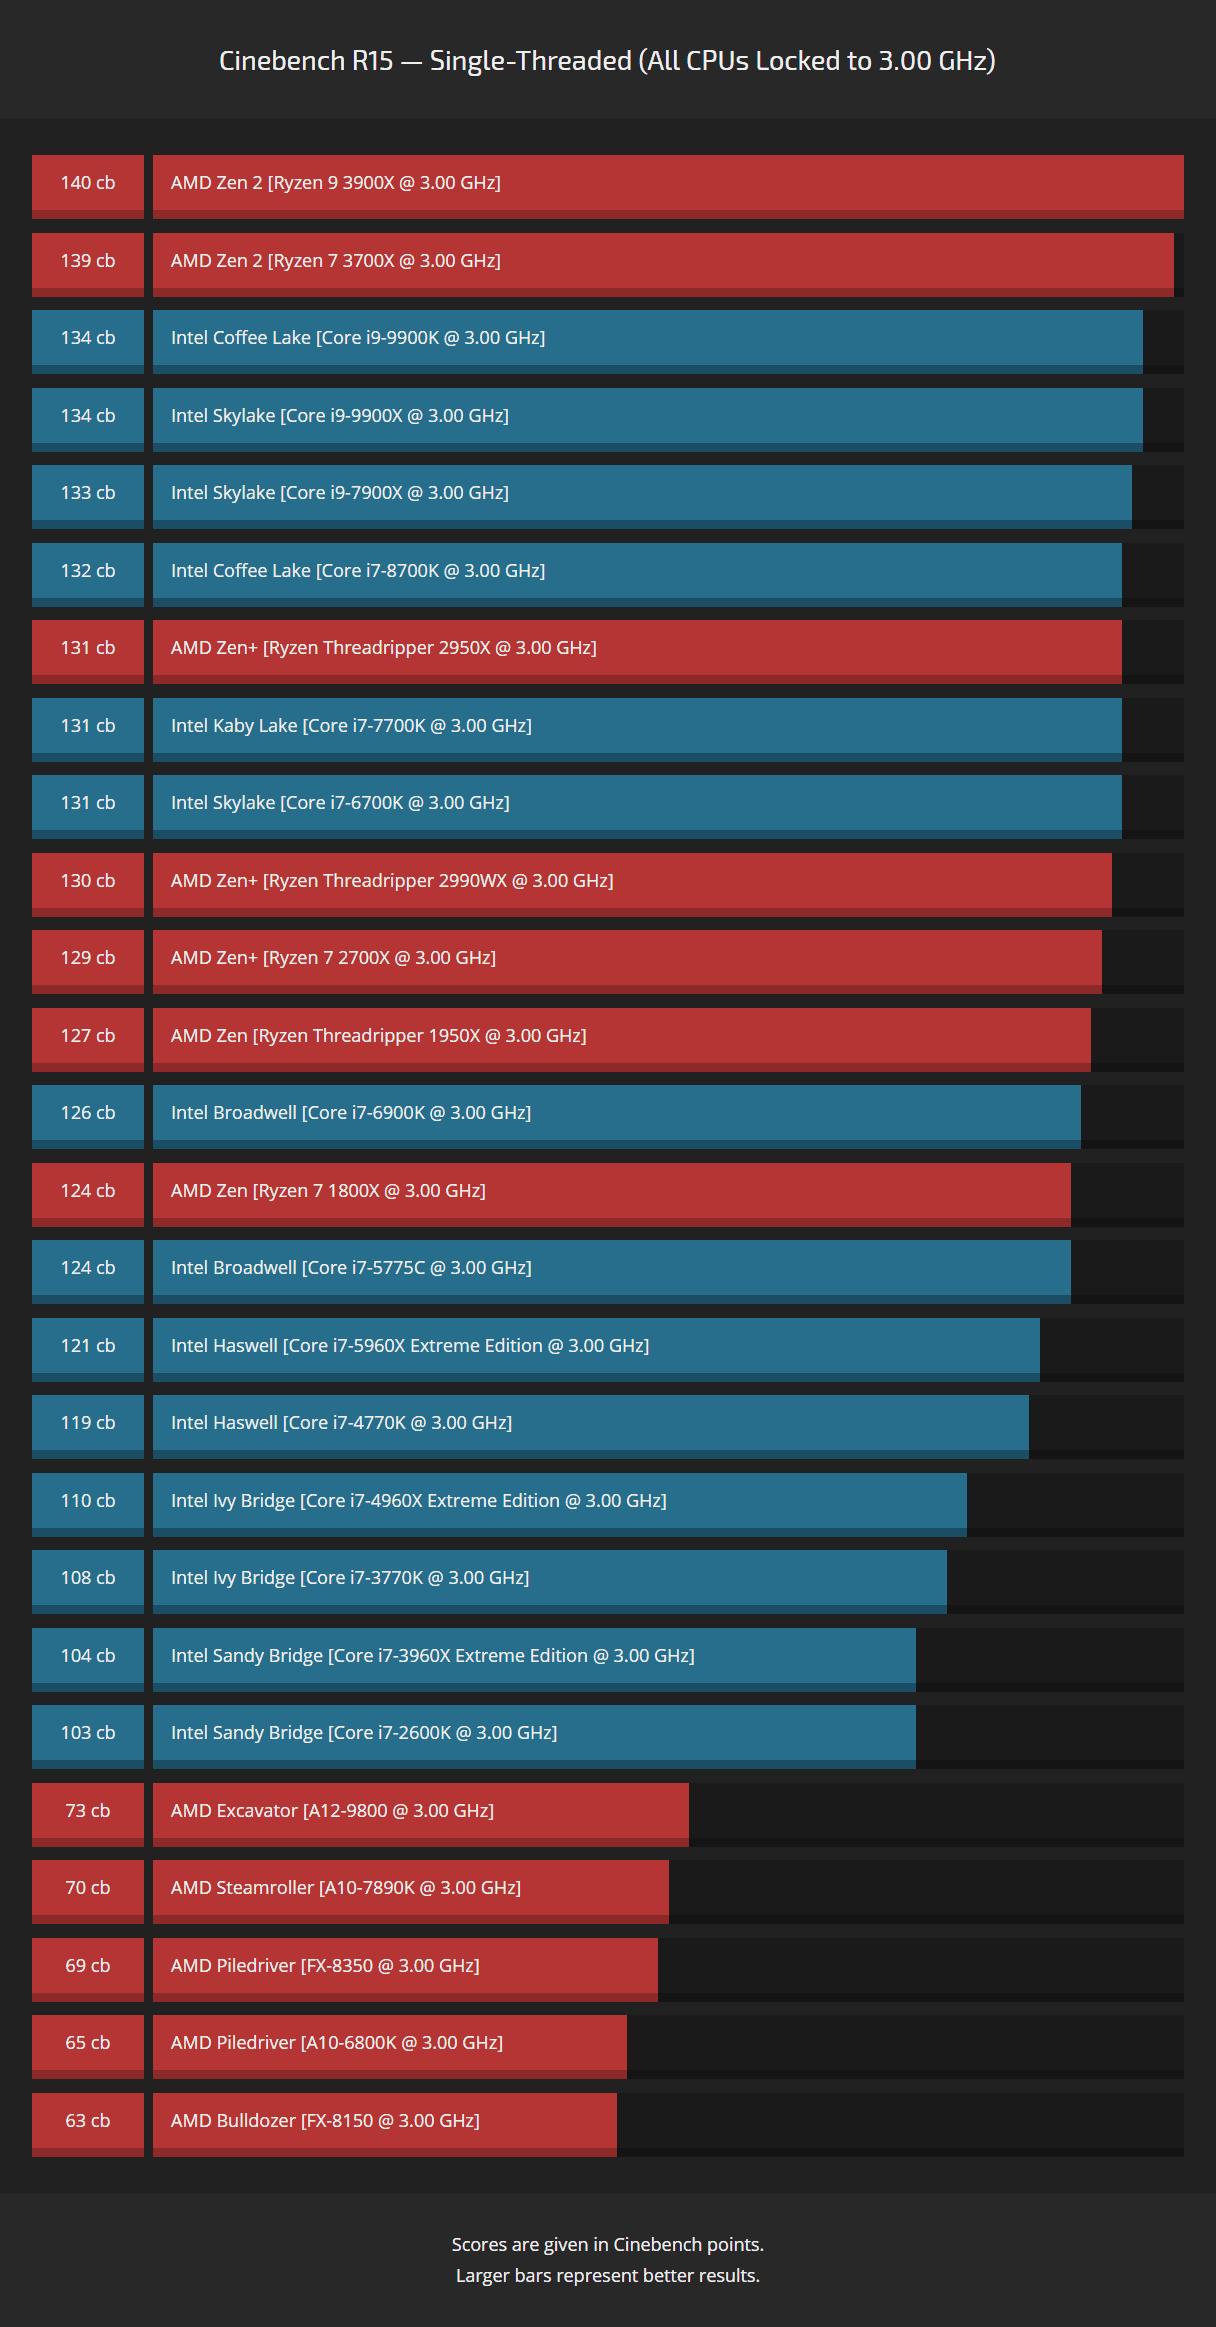 cbr15-ipc-comparison-3ghz-scores.png